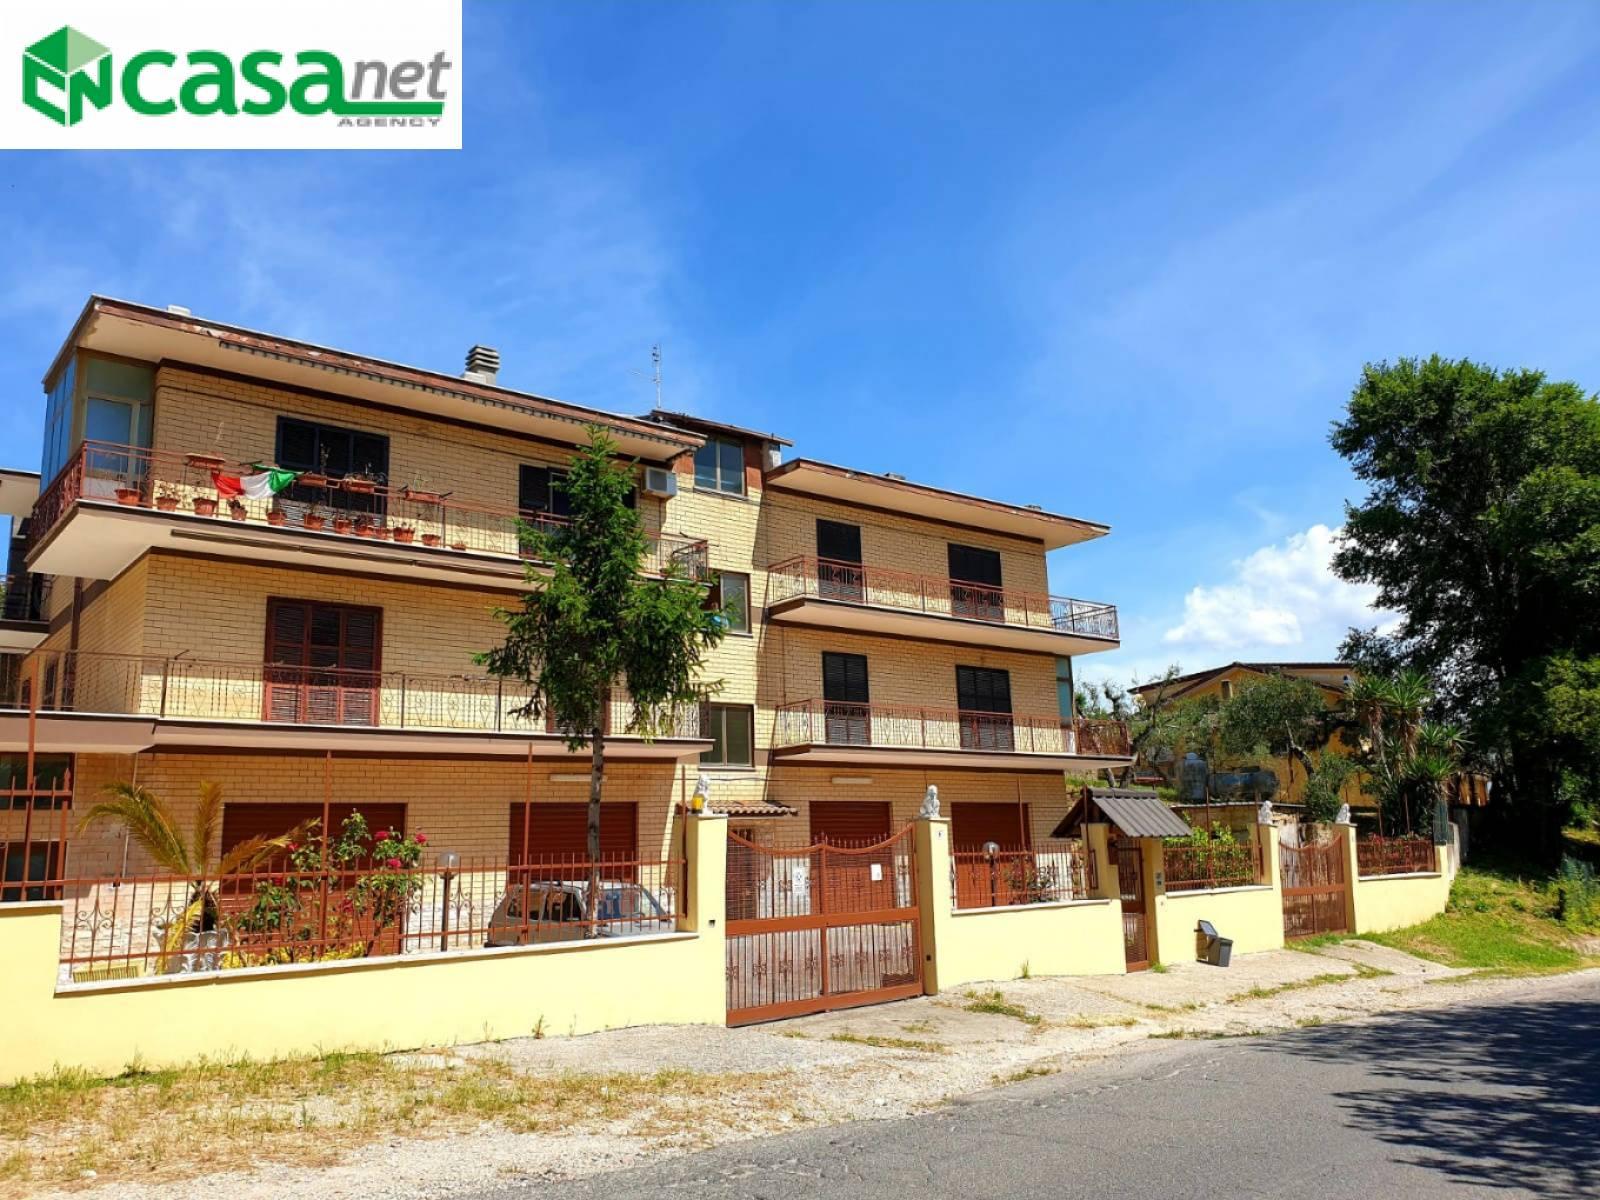 Appartamento in vendita a Palombara Sabina, 4 locali, prezzo € 100.000 | CambioCasa.it